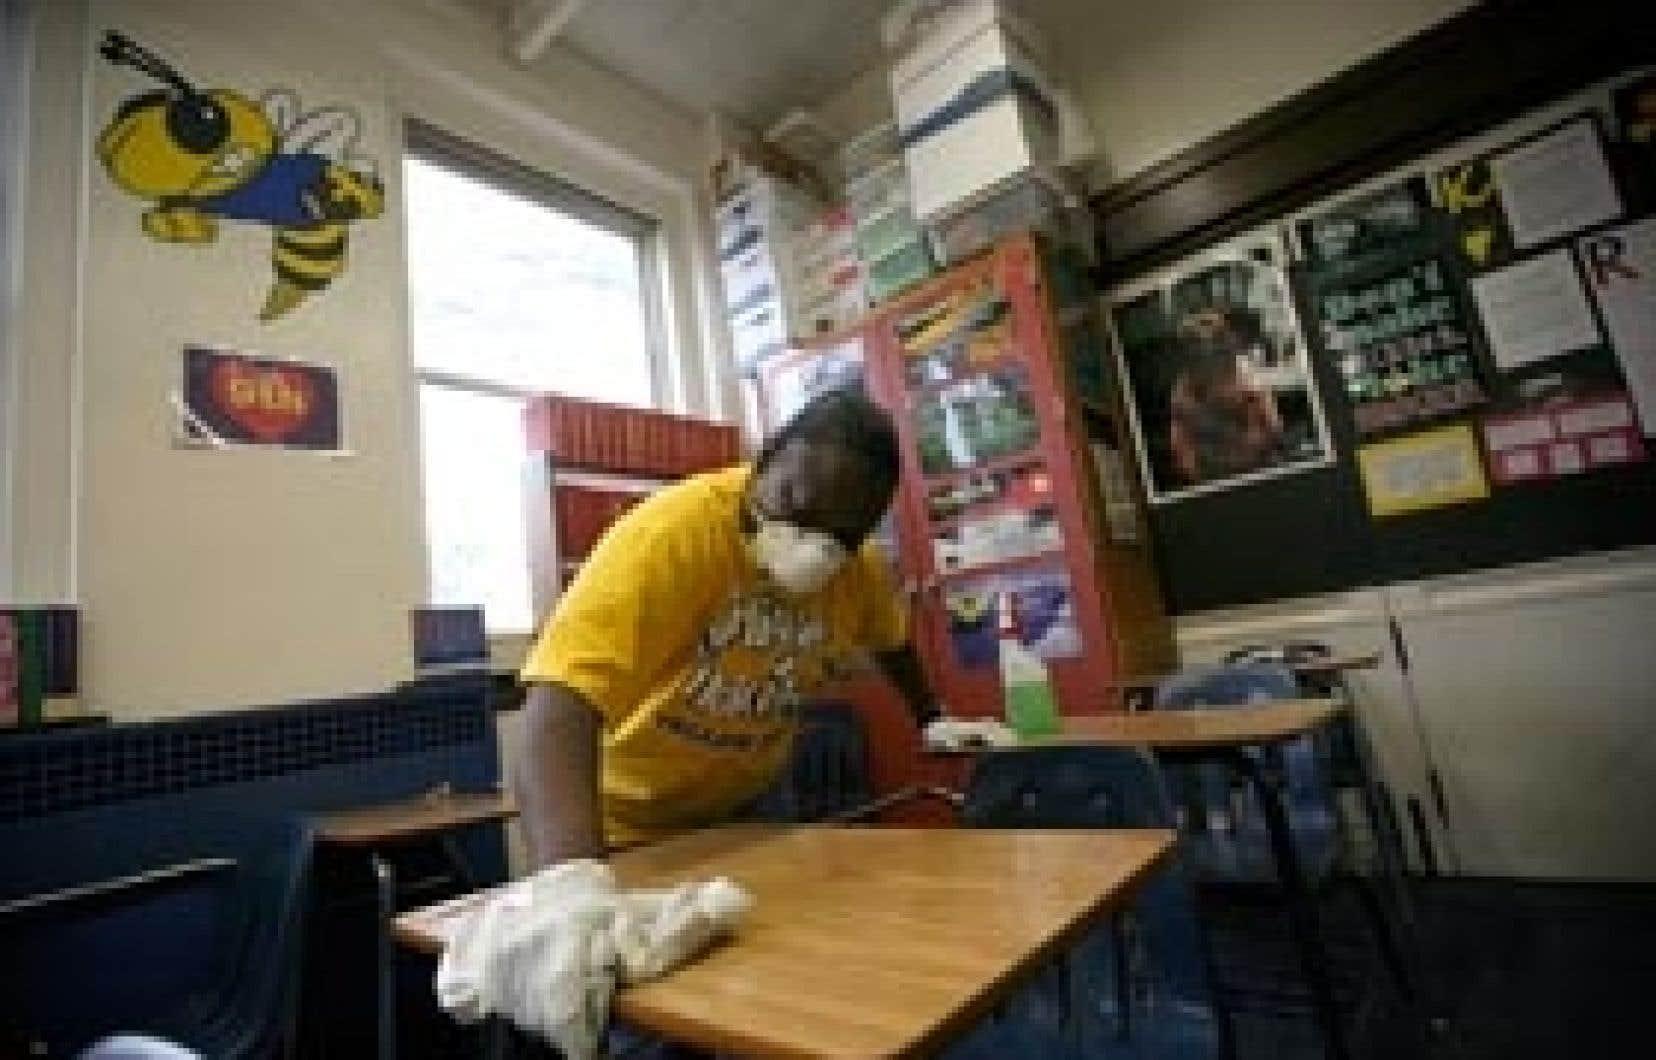 Une employée d'une école à Fort Worth, au Texas, désinfecte bureaux, chaises et autres meubles des classes. Les écoles de Fort Worth ont été fermées dans un effort pour freiner la progression du virus de la grippe porcine.